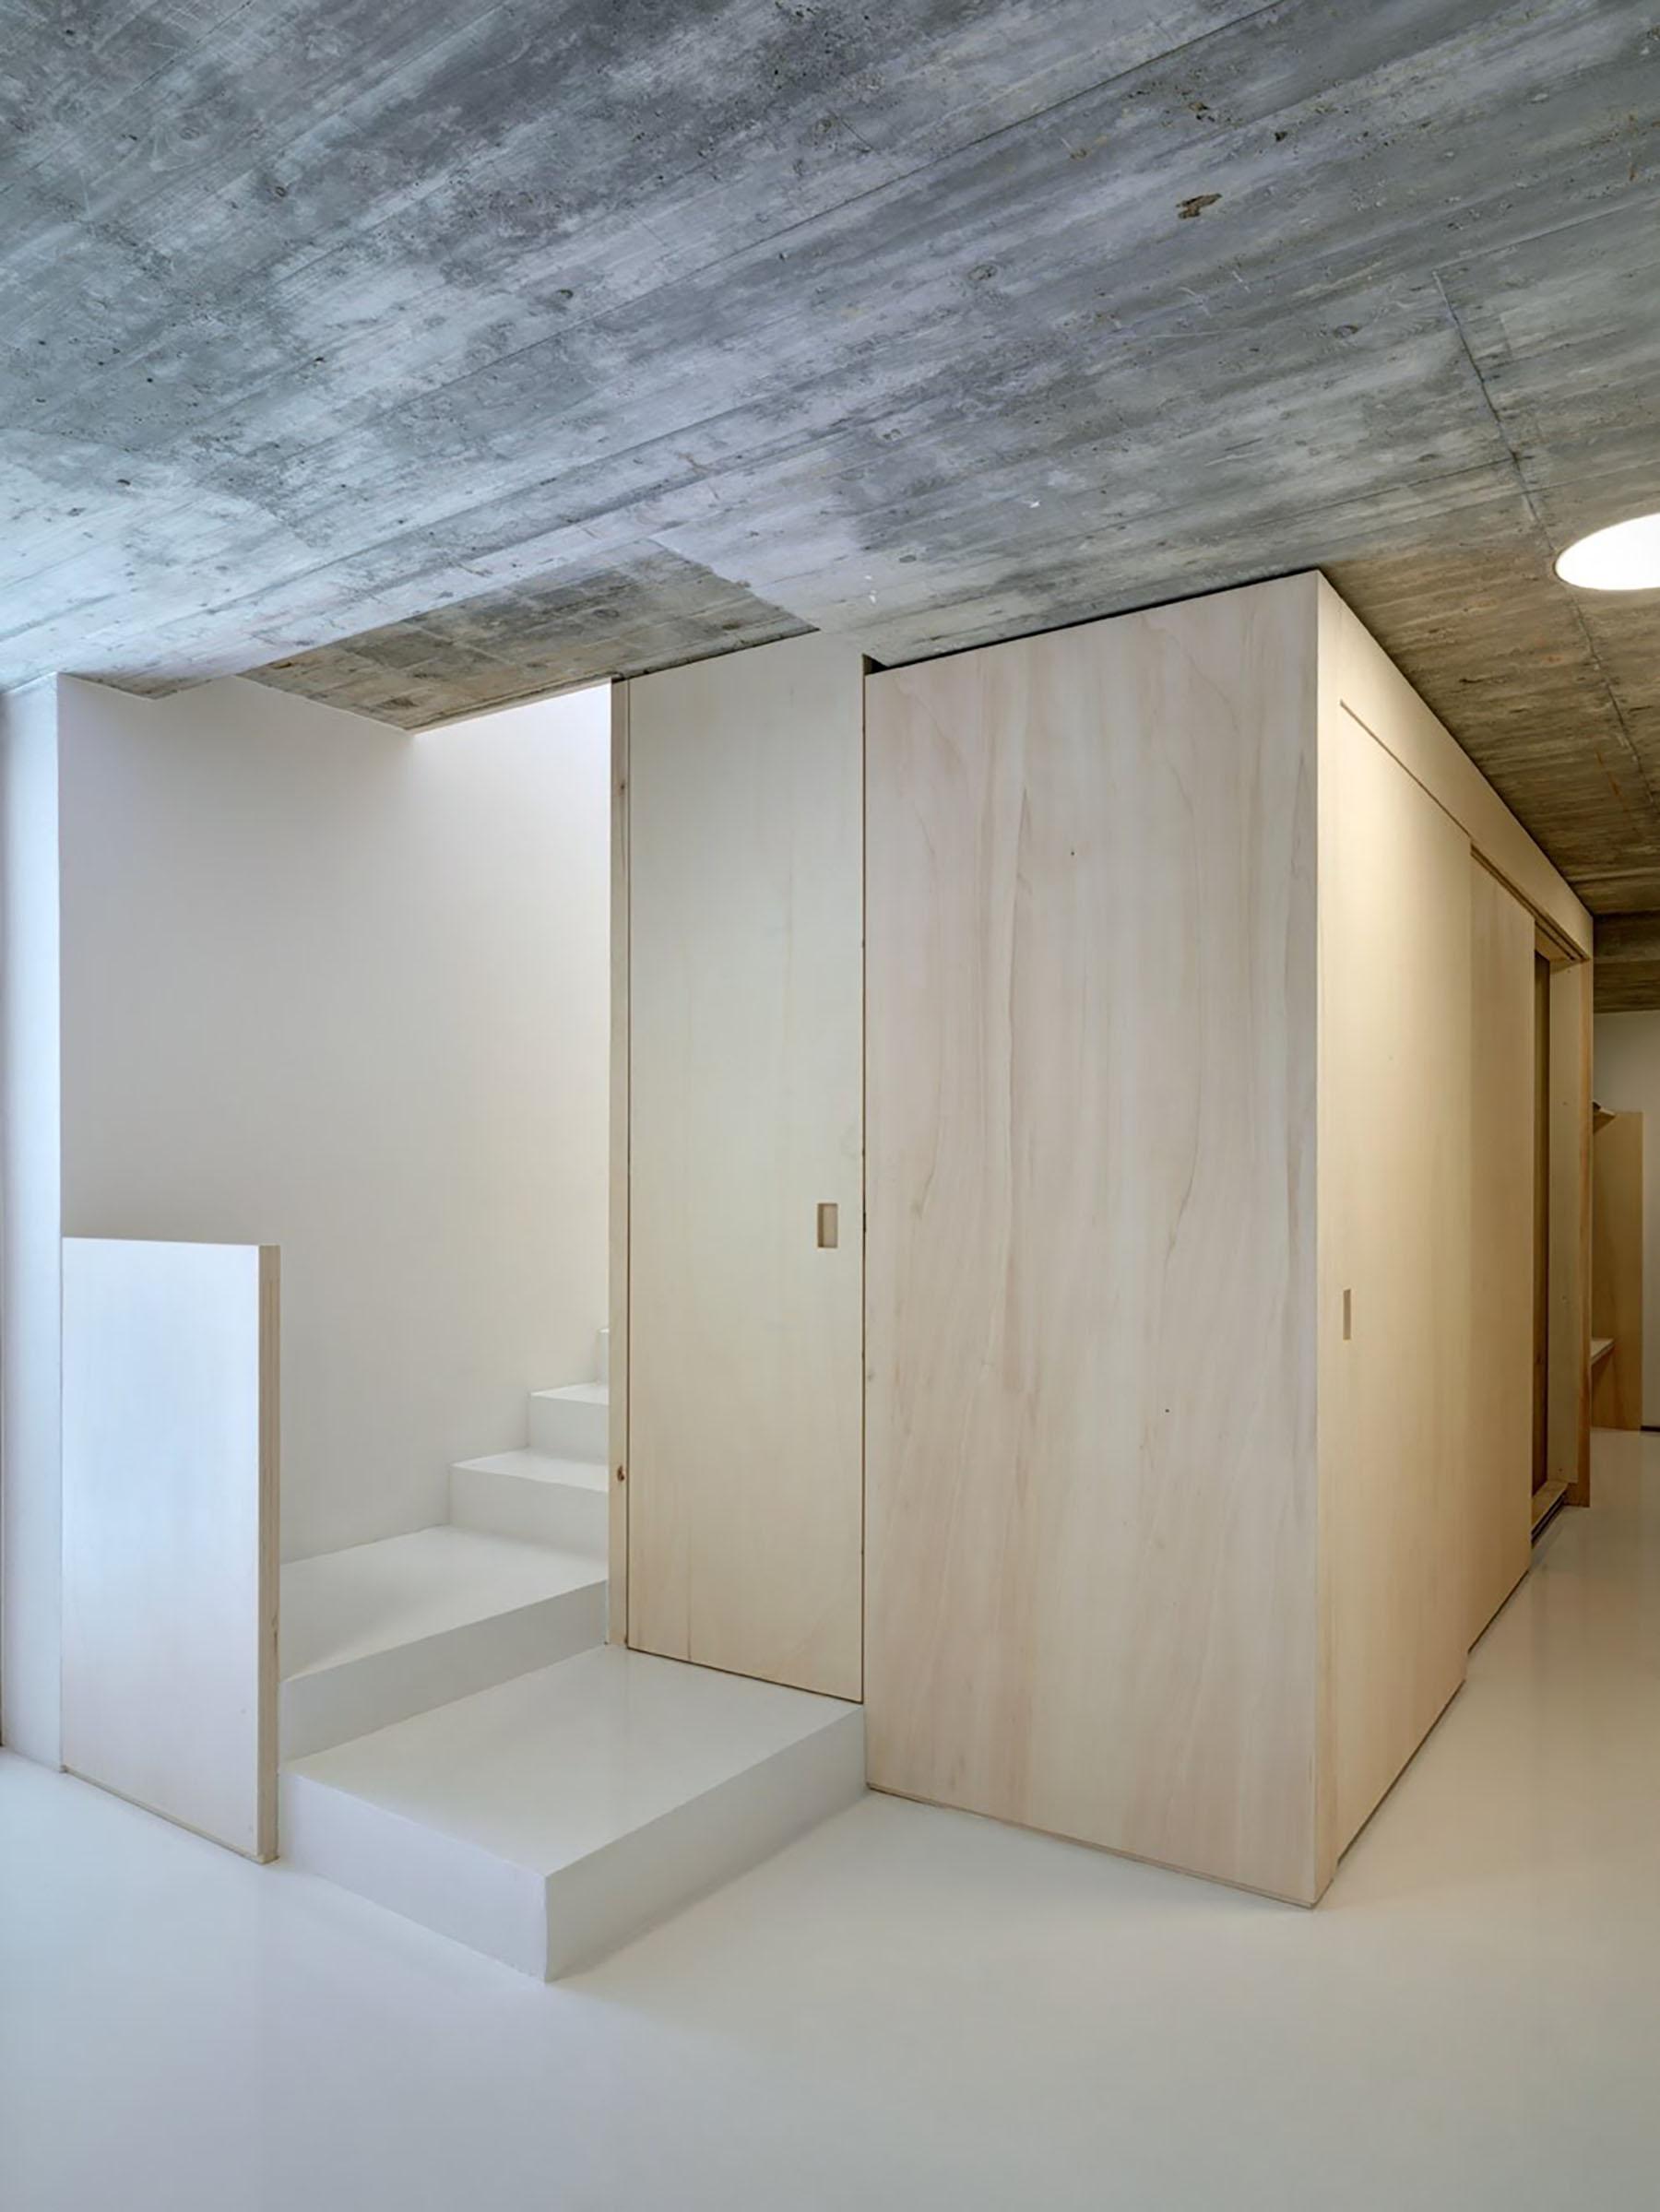 iGNANT-Architecture-Marco-Ortalli-Casa-Crb-0021